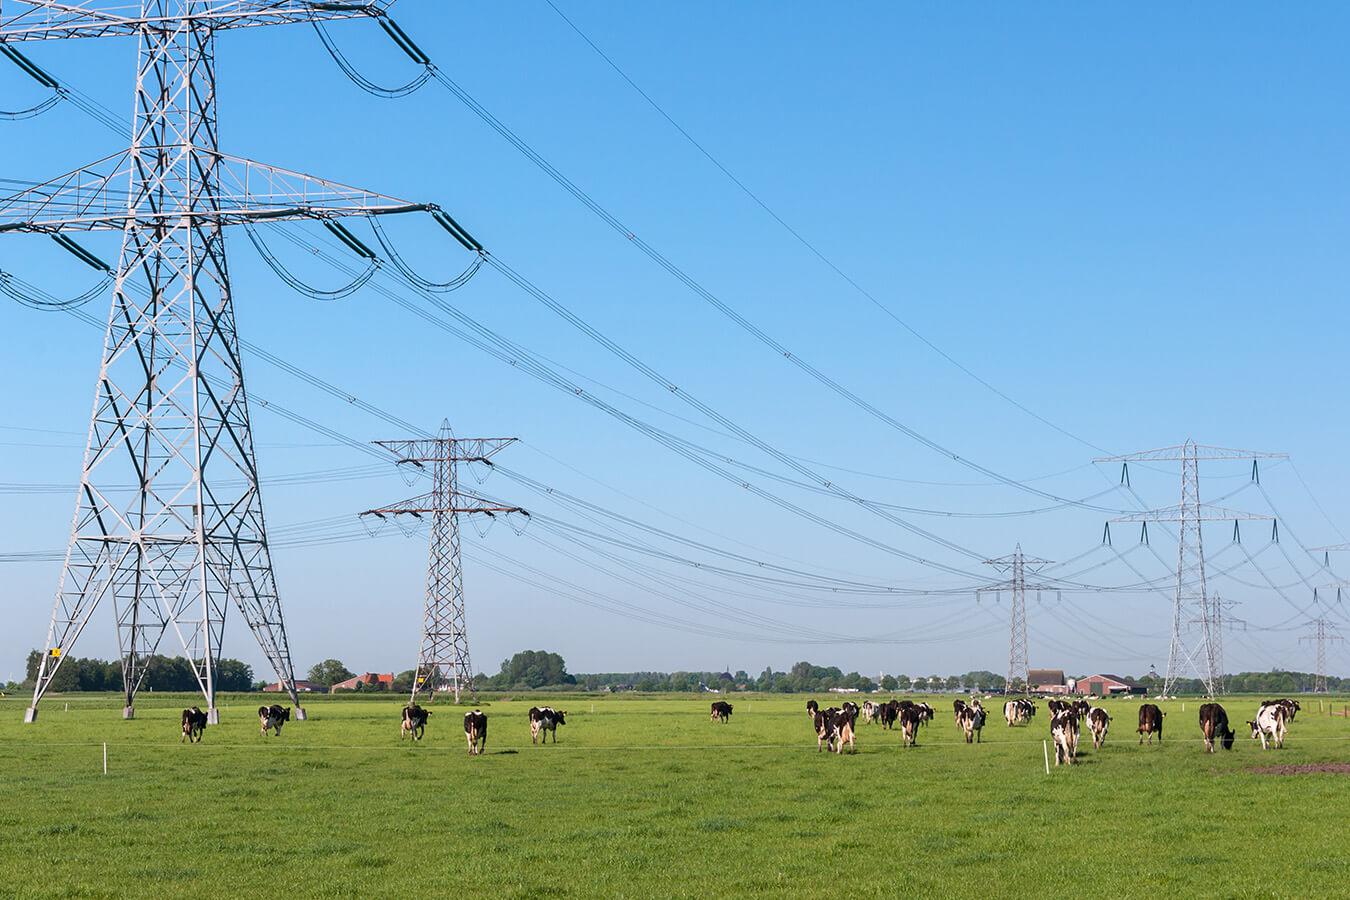 netbeheerders hogere energierekening